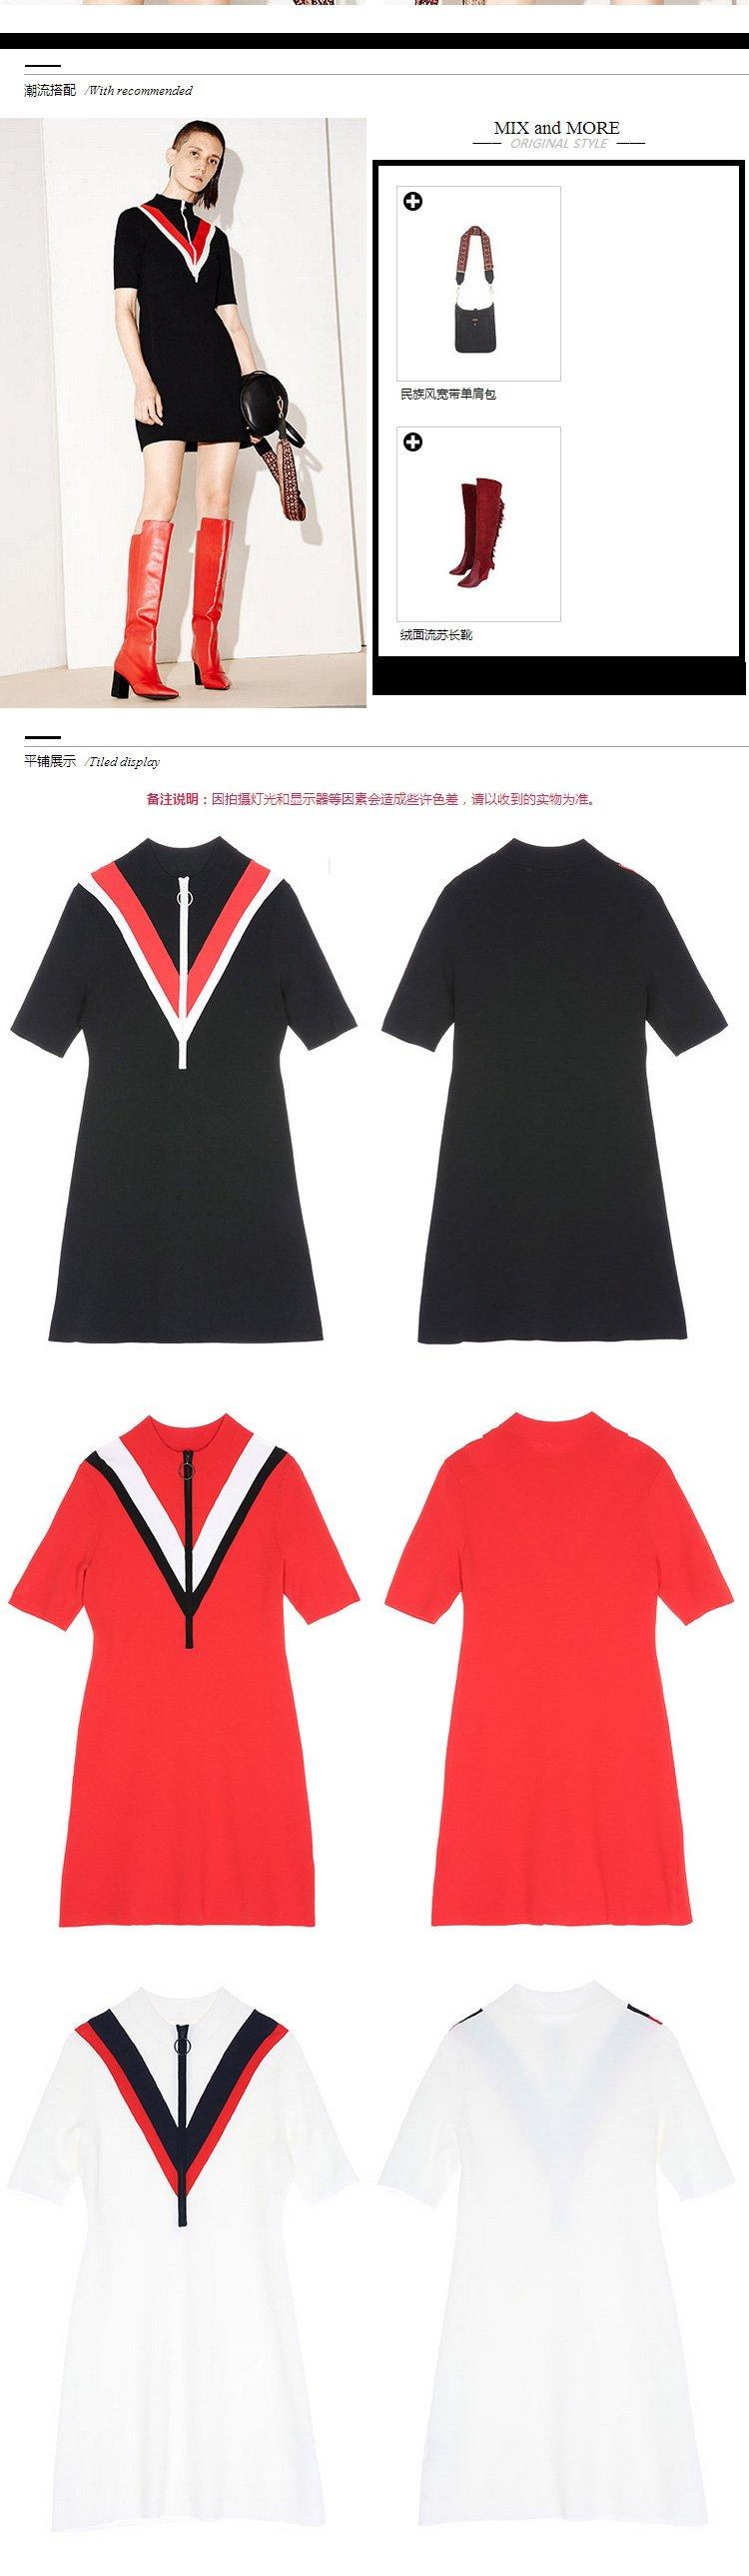 服装 设计 矢量 矢量图 素材 运动衣 750_2579 竖版 竖屏